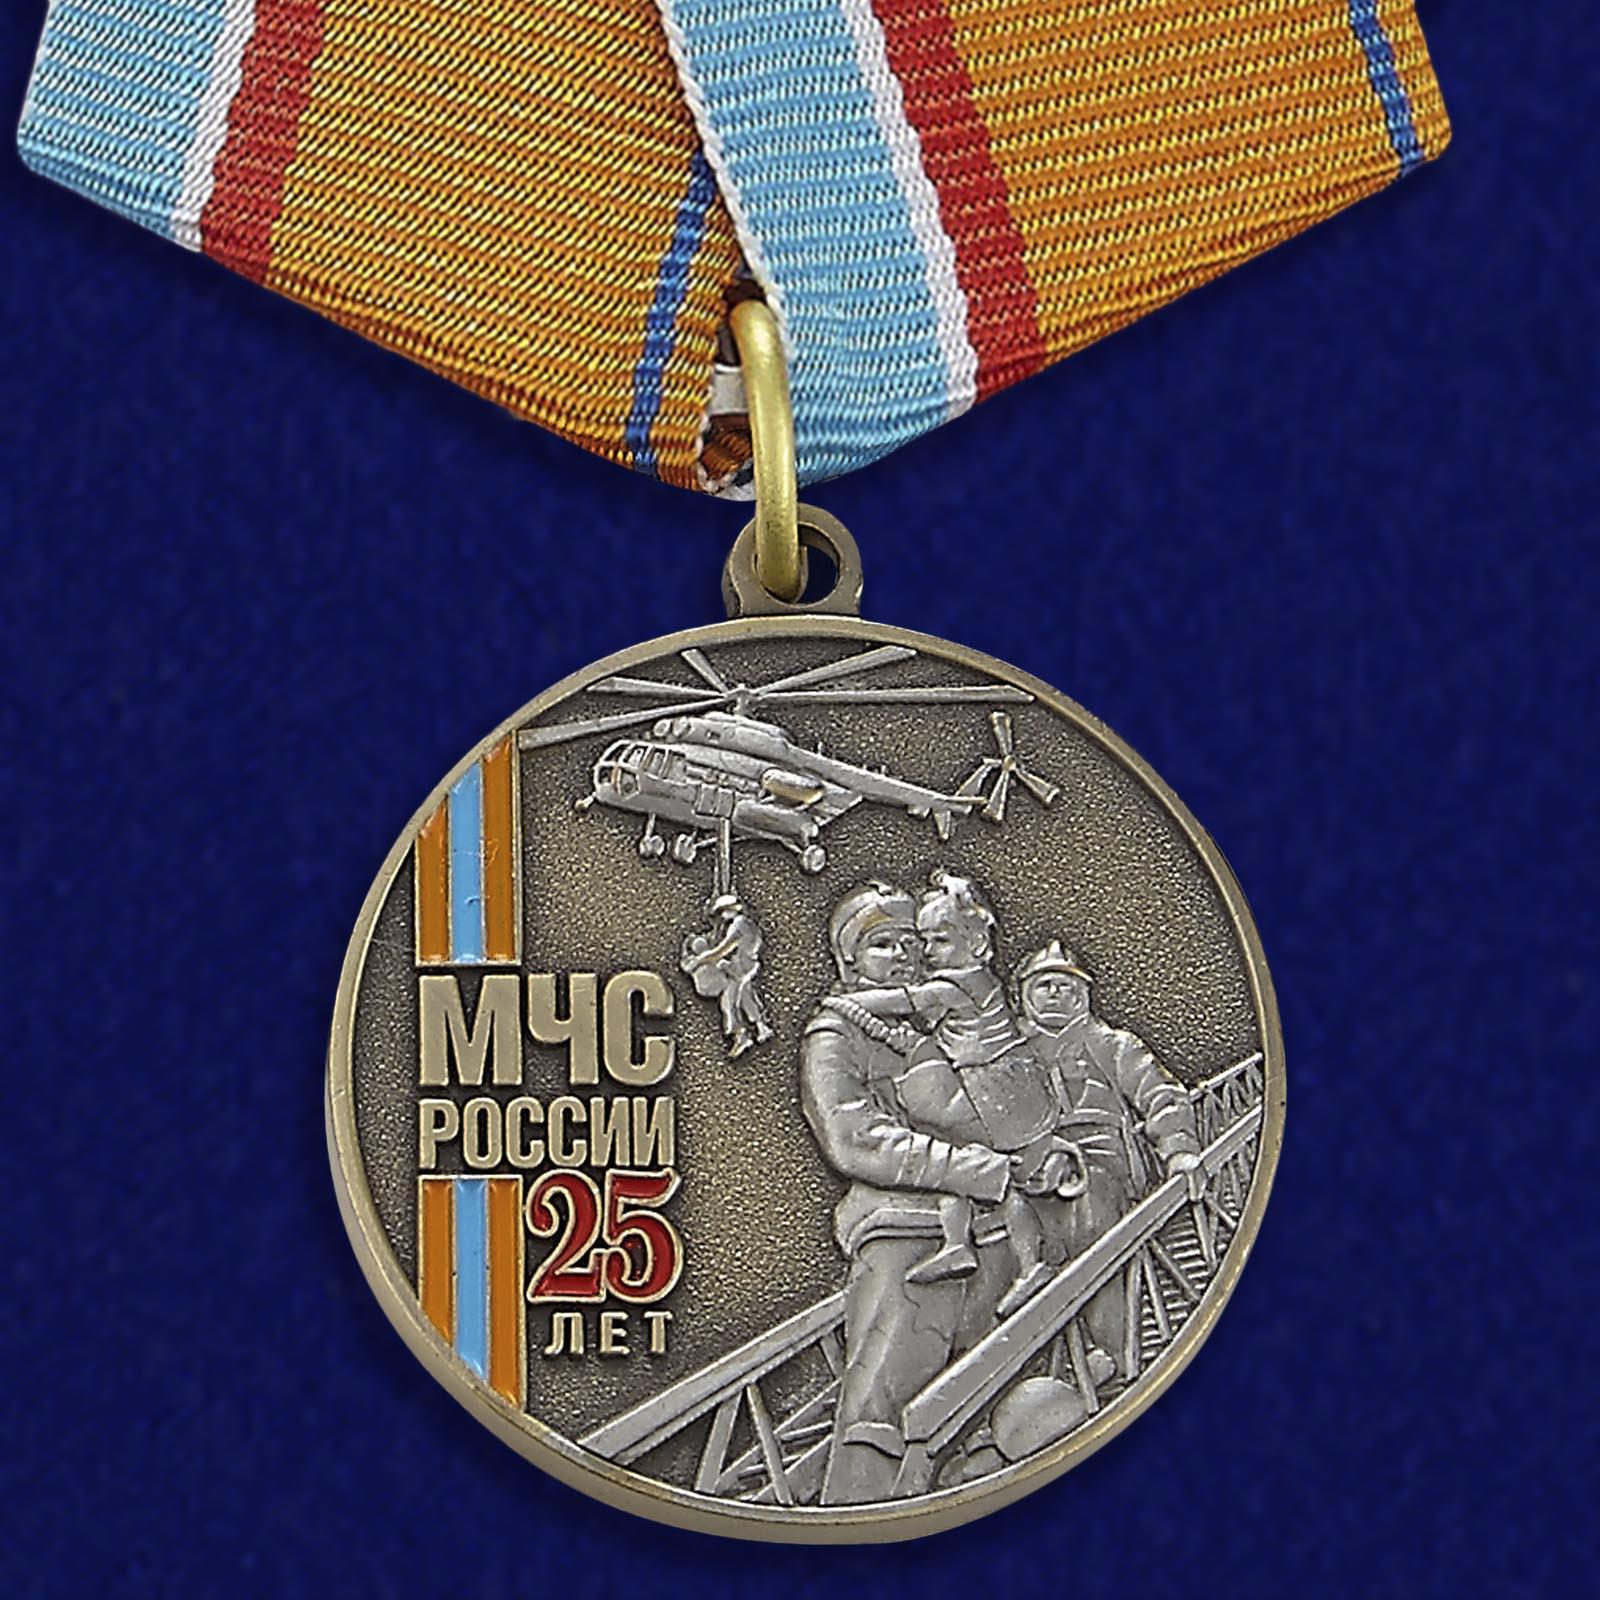 Медаль МЧС России